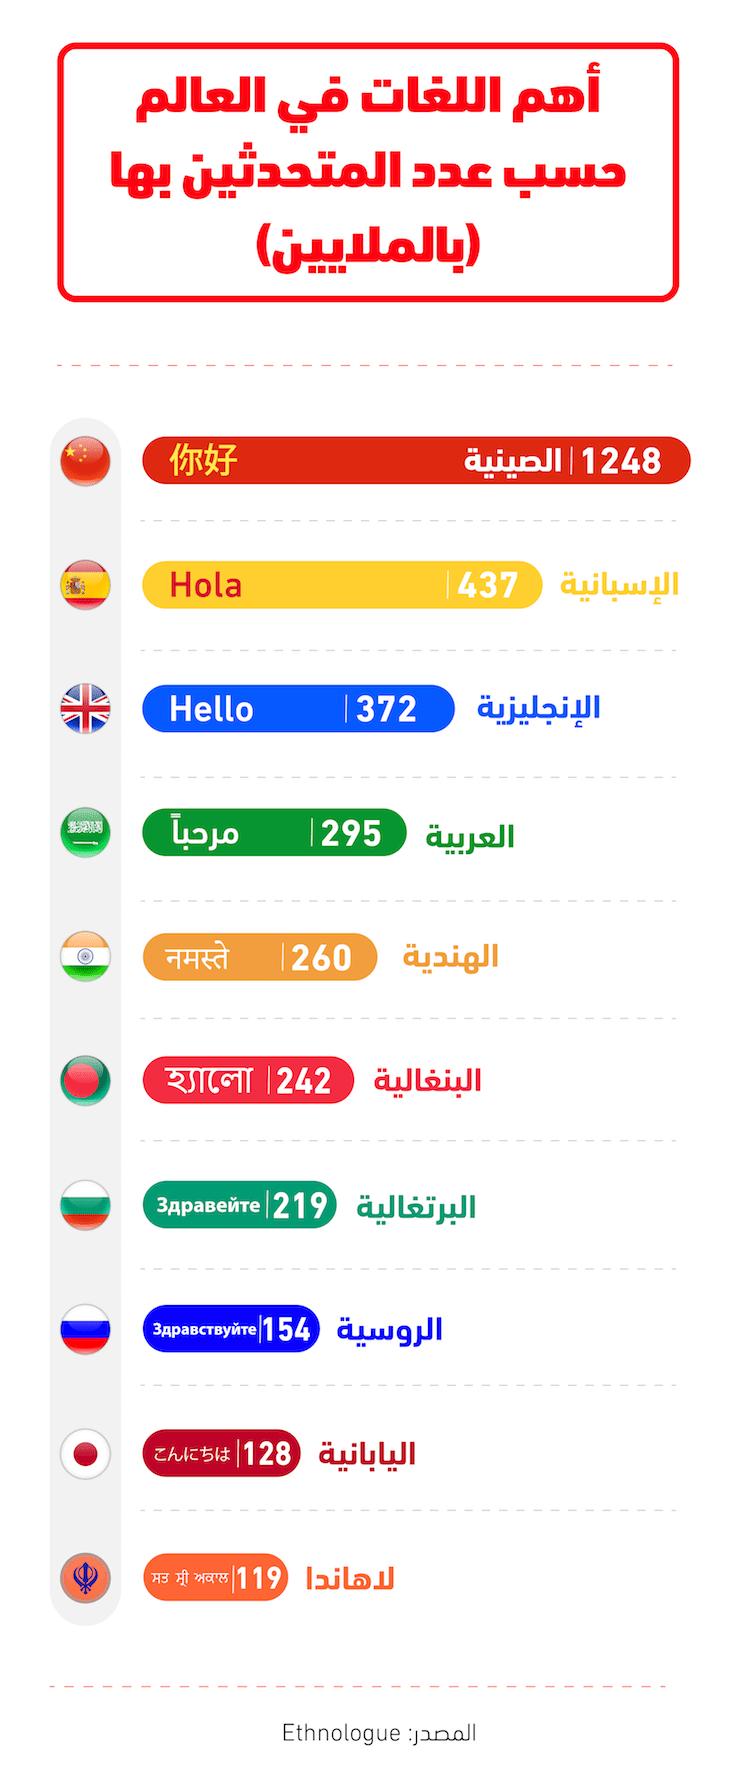 أهم 10 لغات في العالم حسب عدد المتحدثين بها